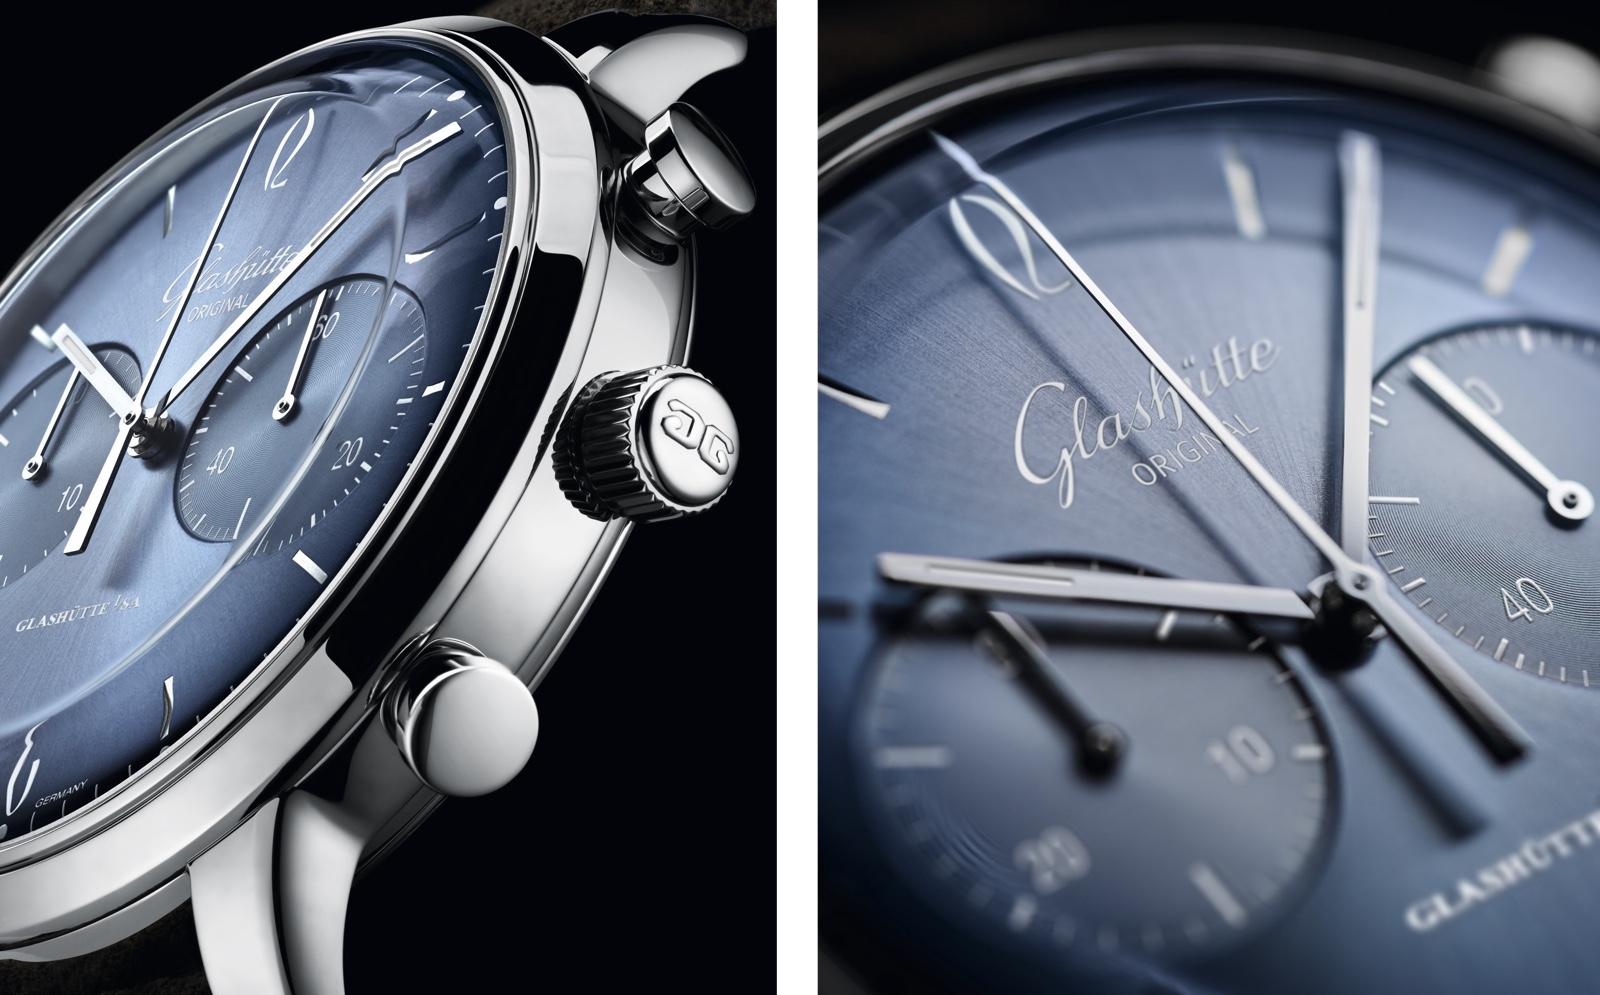 Glashütte Original Sixties Chronograph 2020 Details